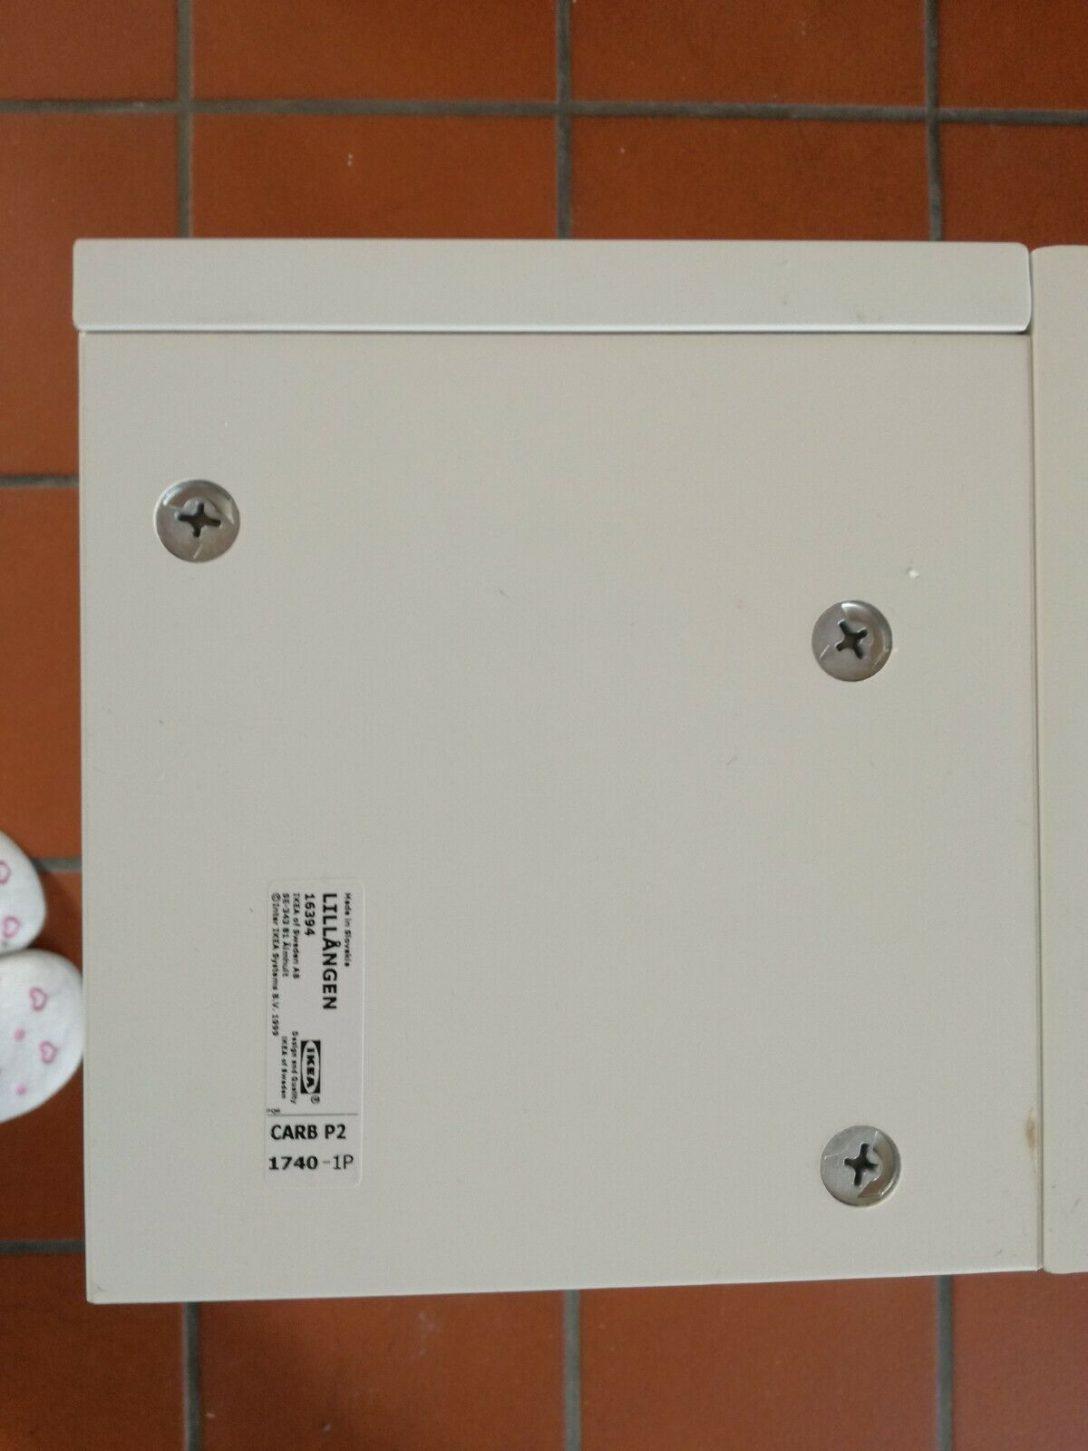 Large Size of Ikea Komplett Neuer Badezimmerschrank Mit Spiegel In Wei Gnstig Modulküche Bad Hängeschrank Weiß Küche Höhe Wohnzimmer Sofa Schlaffunktion Hochglanz Wohnzimmer Ikea Hängeschrank